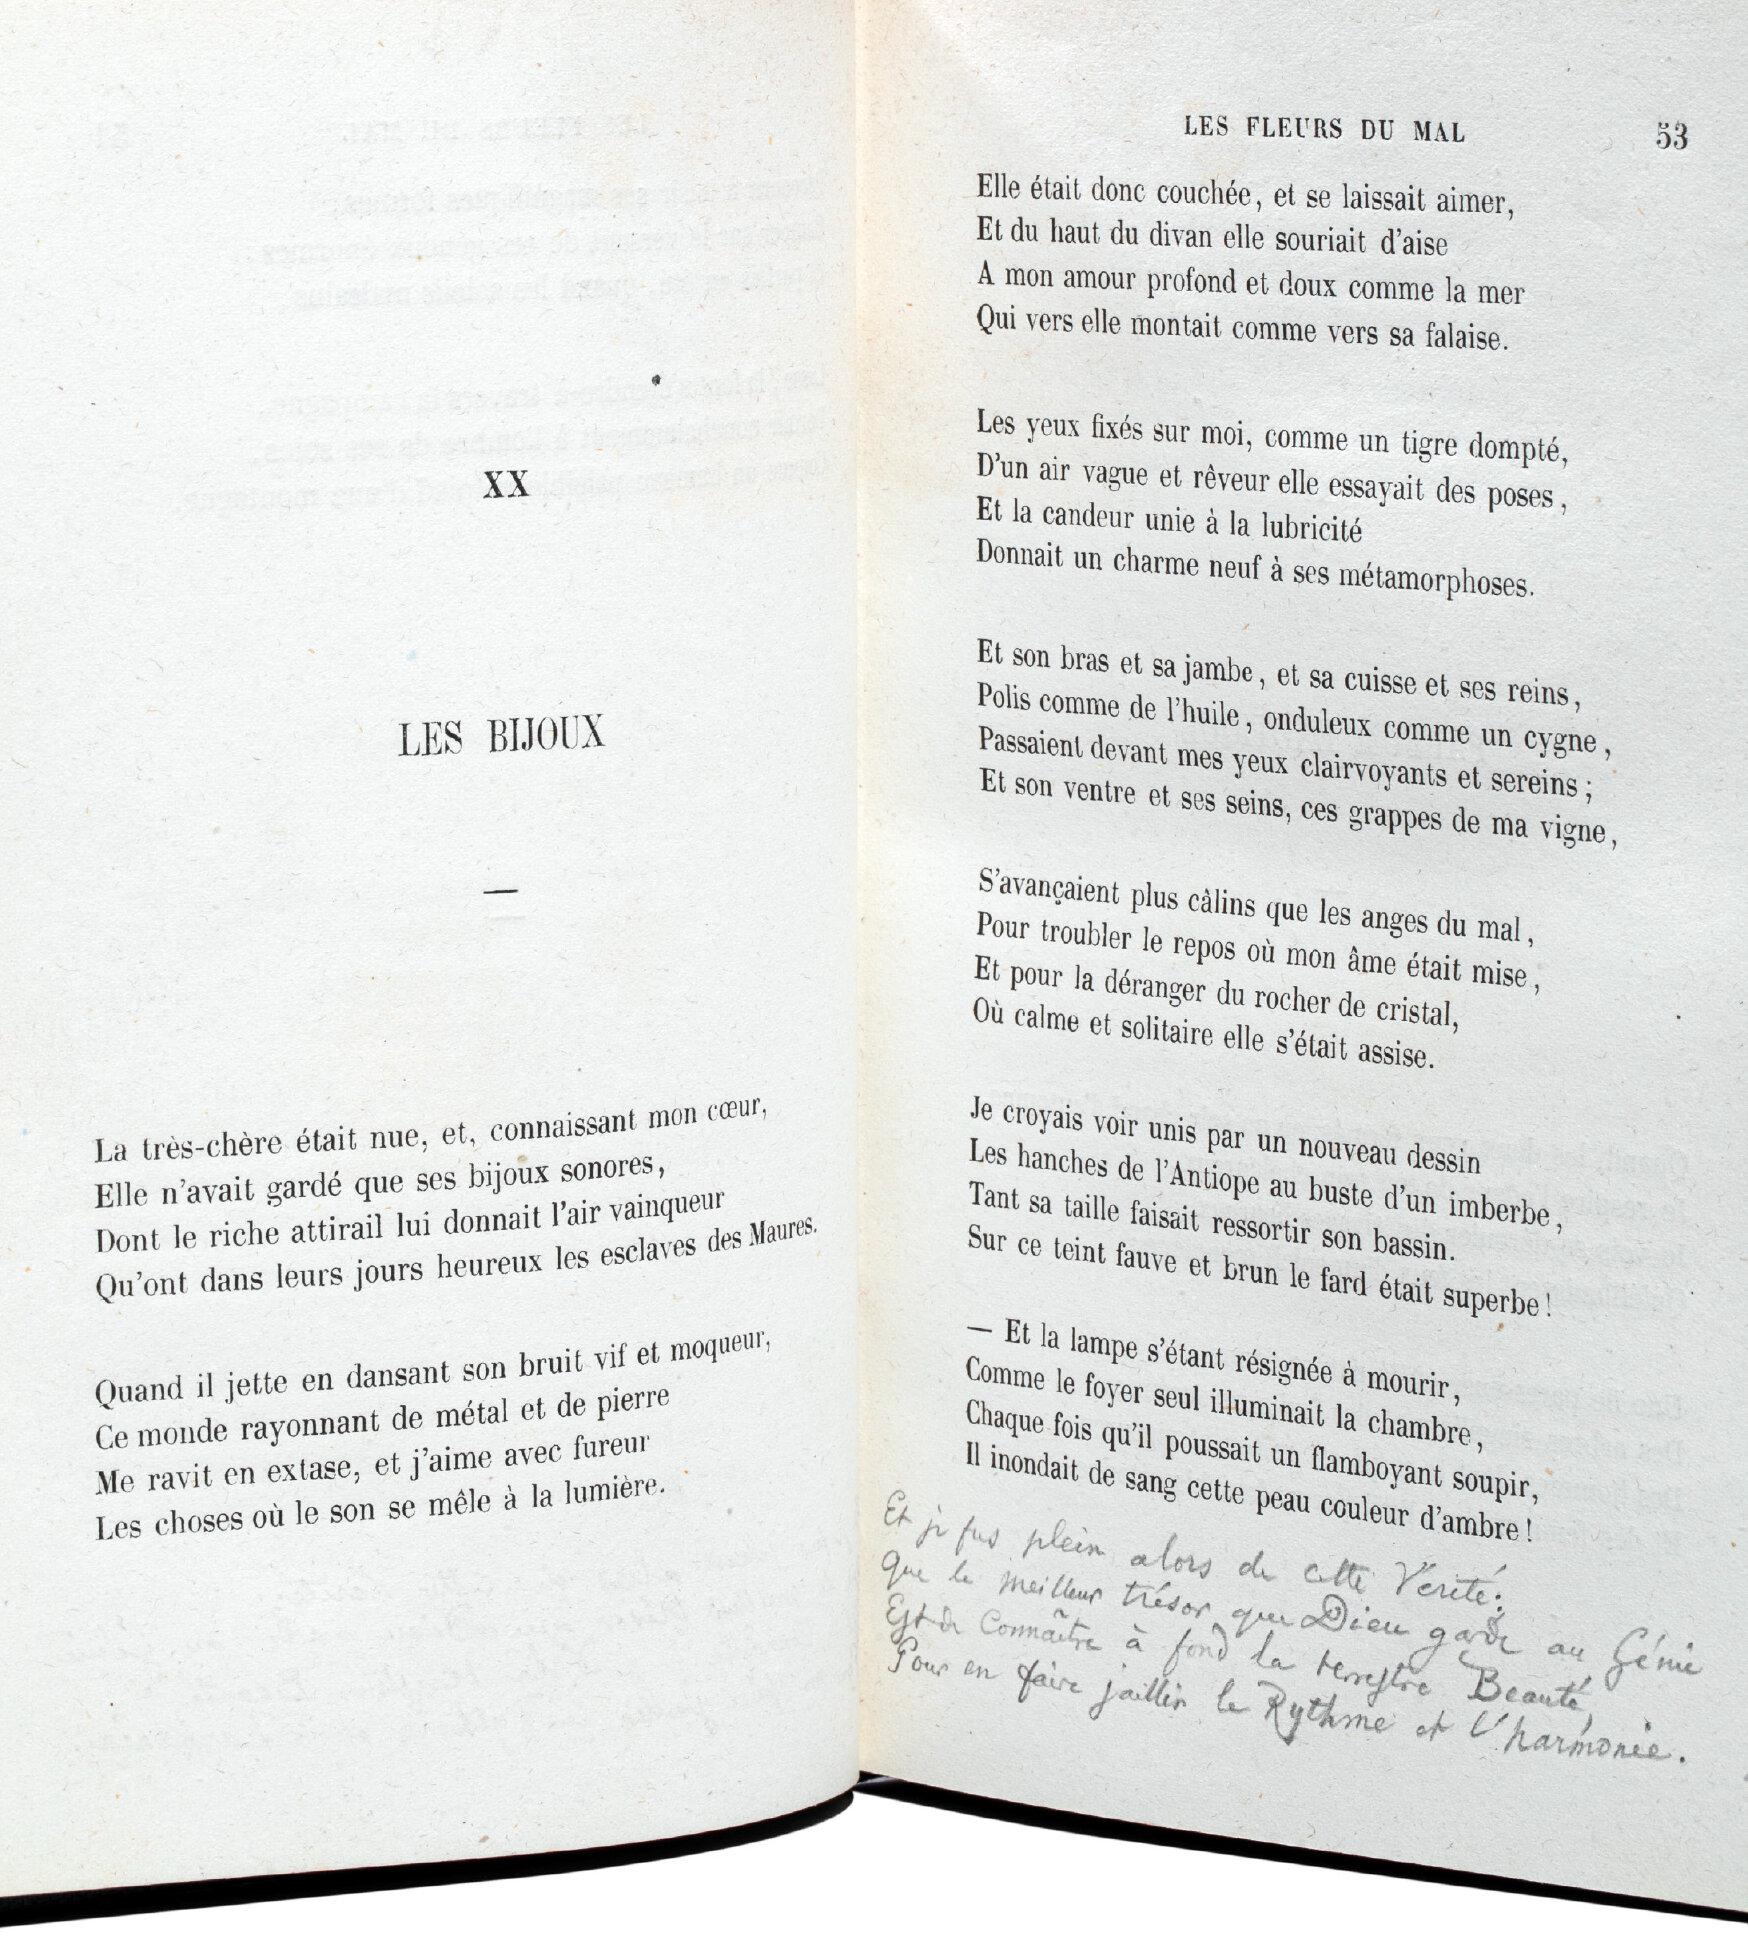 Un inédit de Baudelaire aux enchères